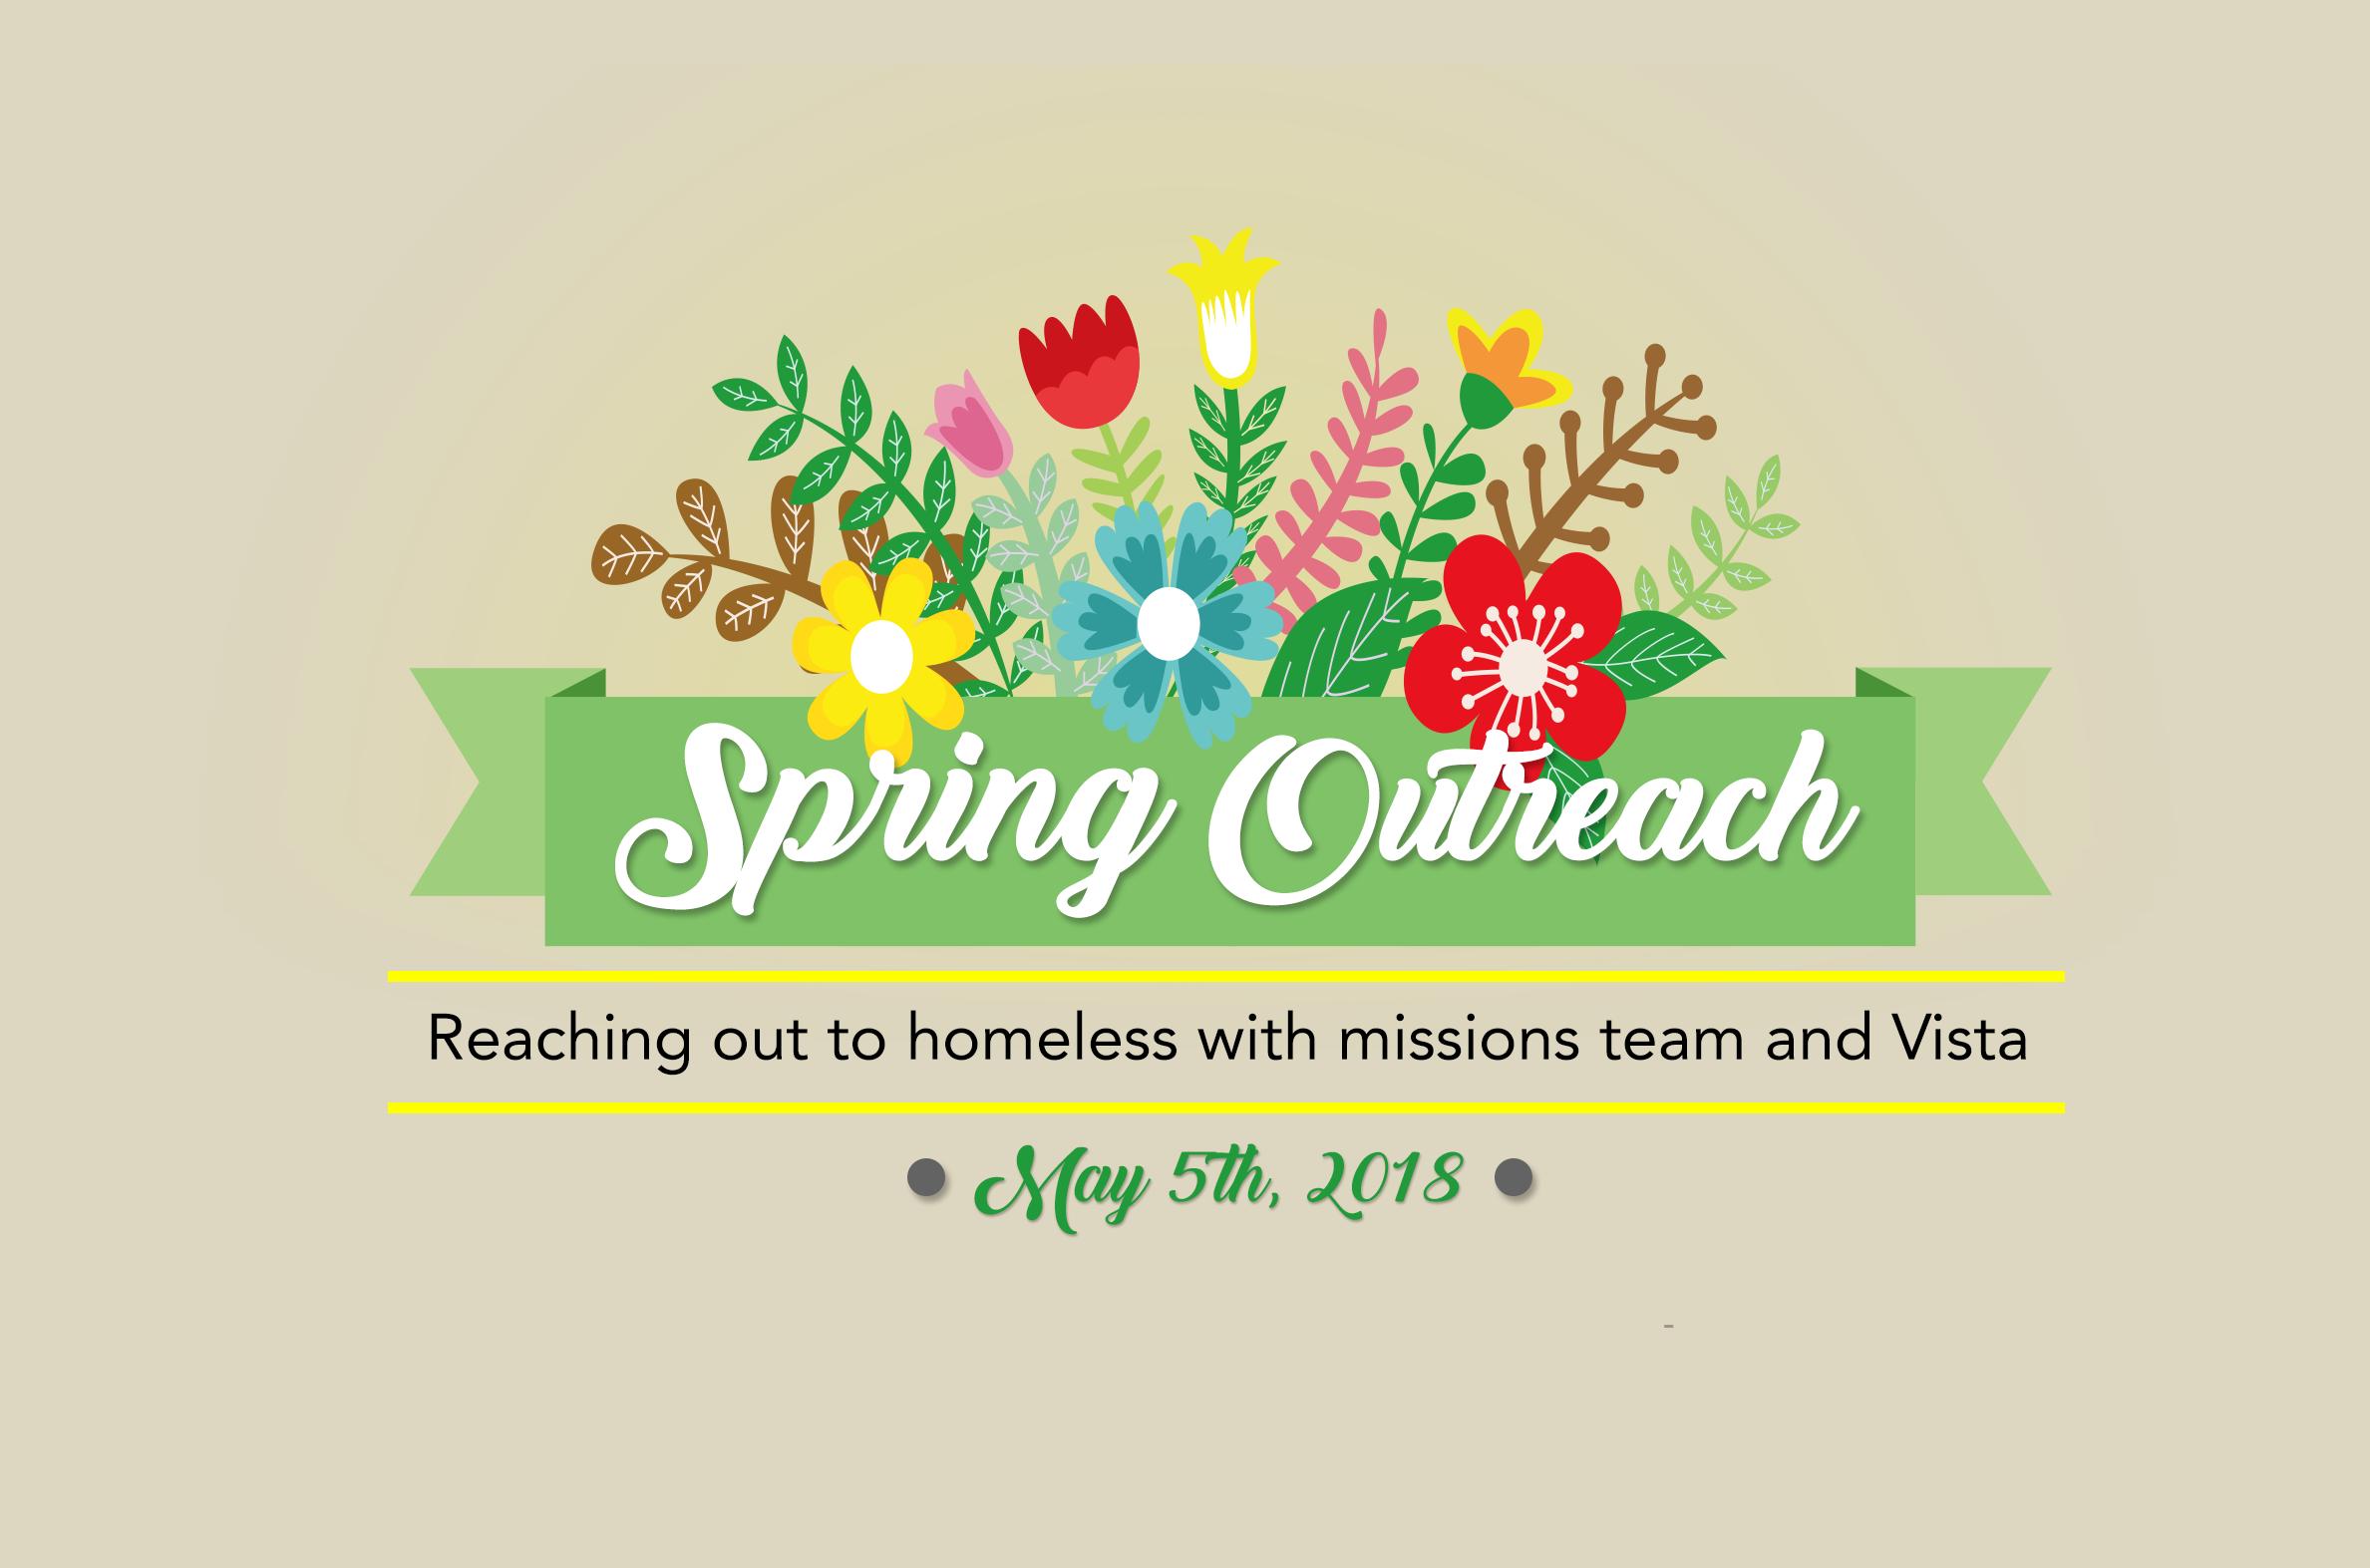 SpringOutreach_3-2.png